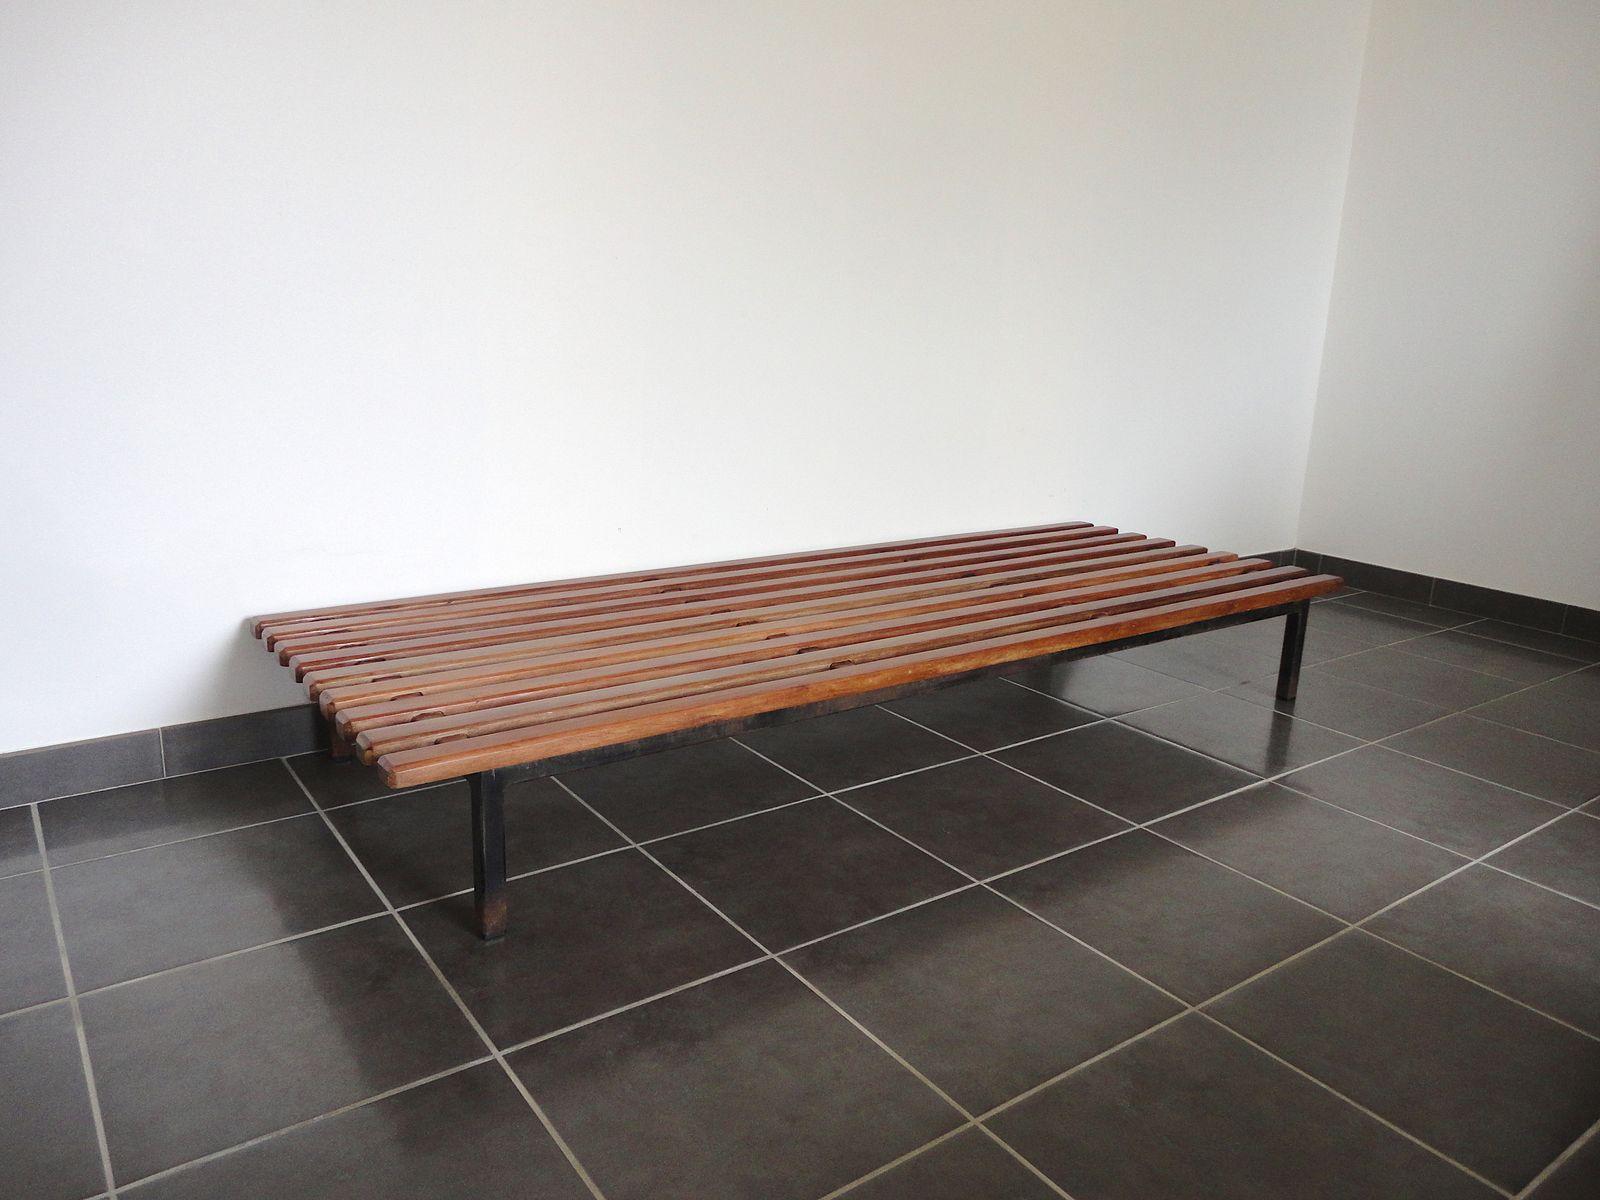 banc cansado mid century par charlotte perriand pour steph simon 1958 en vente sur pamono. Black Bedroom Furniture Sets. Home Design Ideas